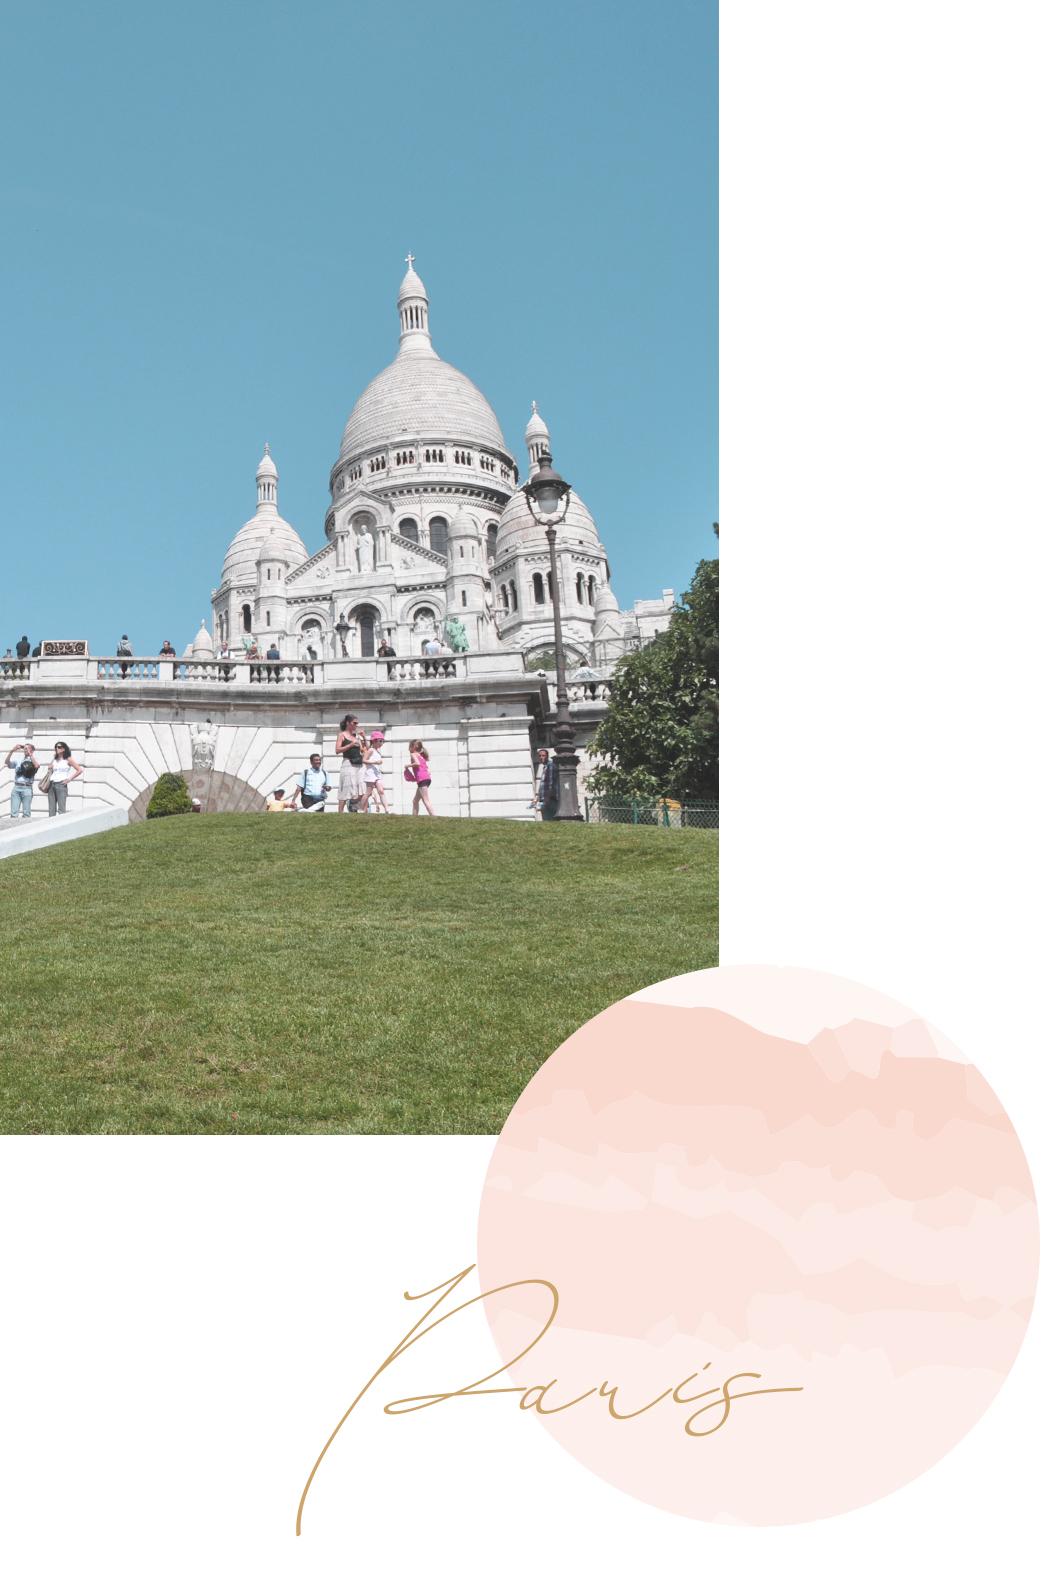 Paris pendant l'été